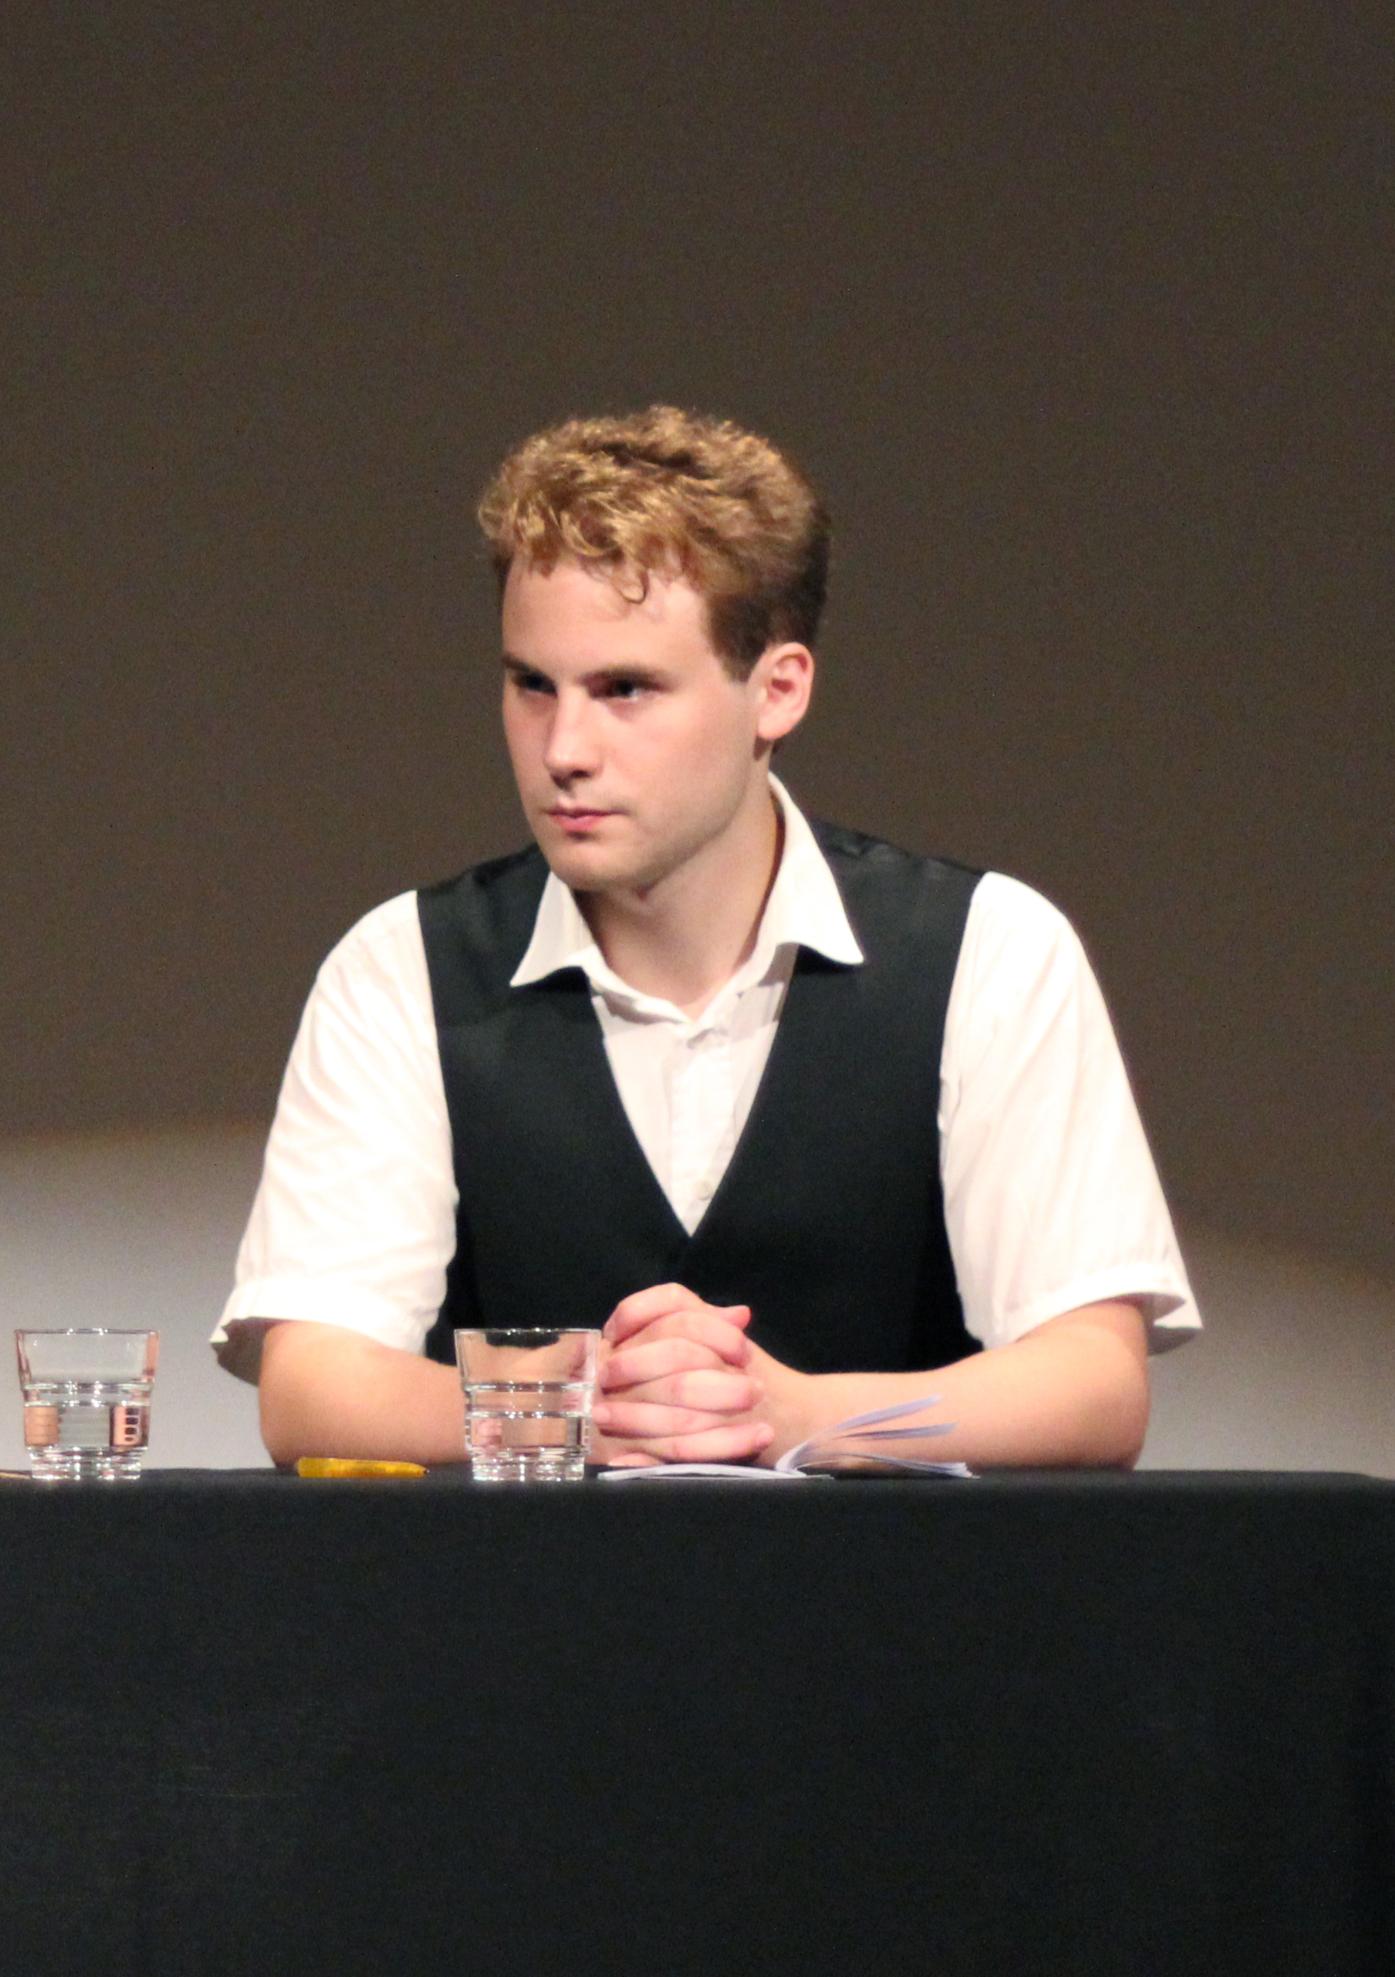 Johan Jönsson, foto: Johan Anglemark, CC-BY-SA 2.0